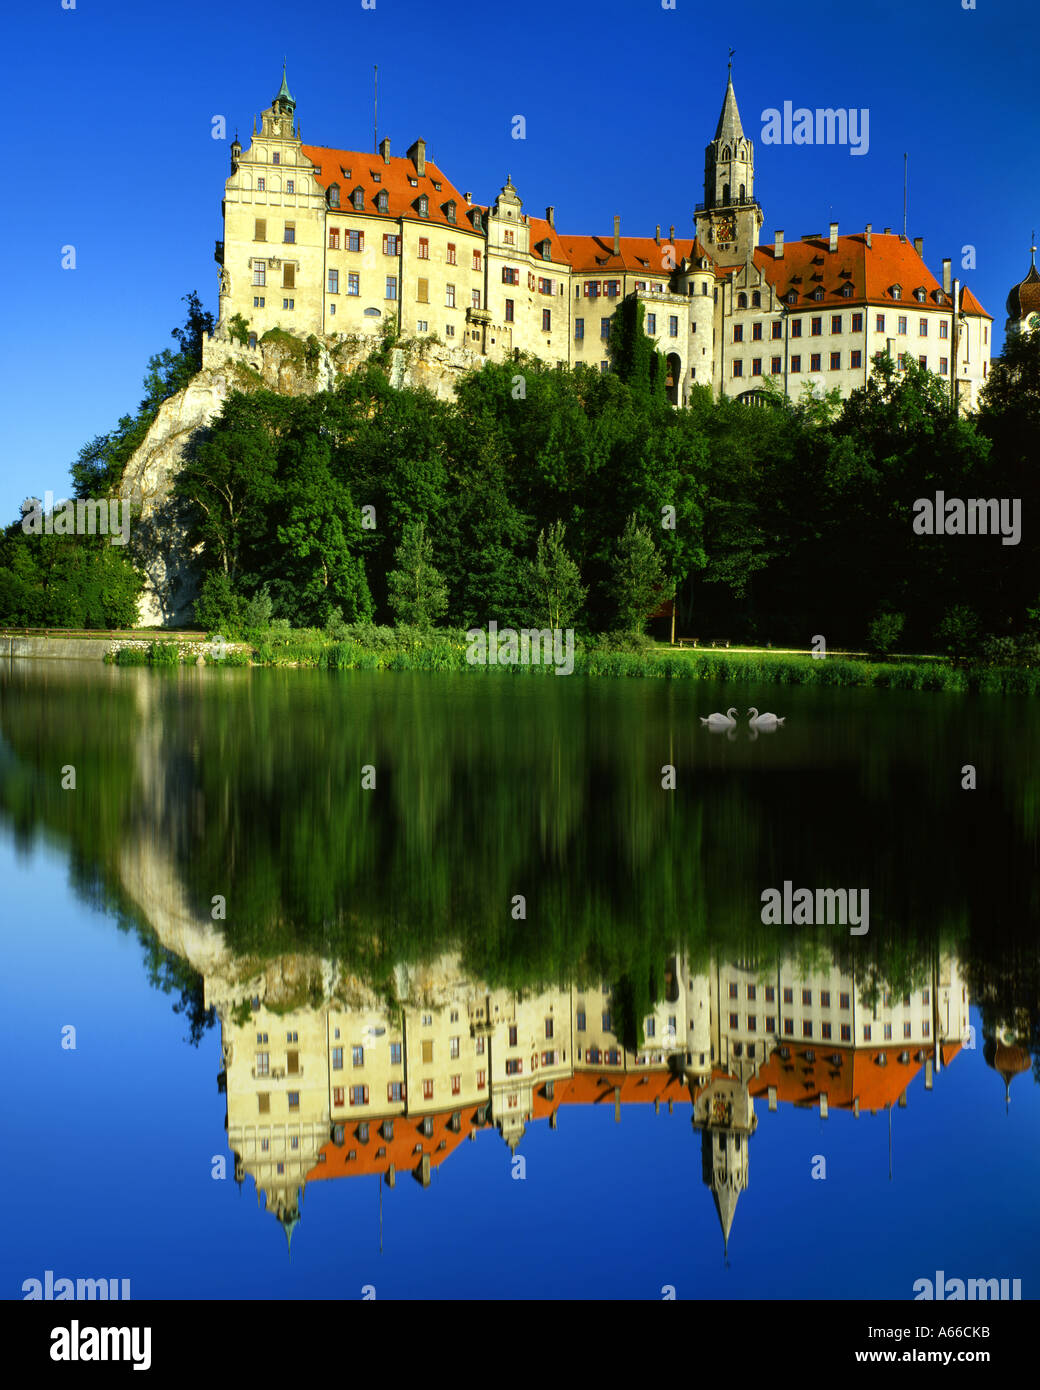 DE - Baden Wuerttemberg: Castillo de Hohenzollern Sigmaringen y el río Danubio Foto de stock